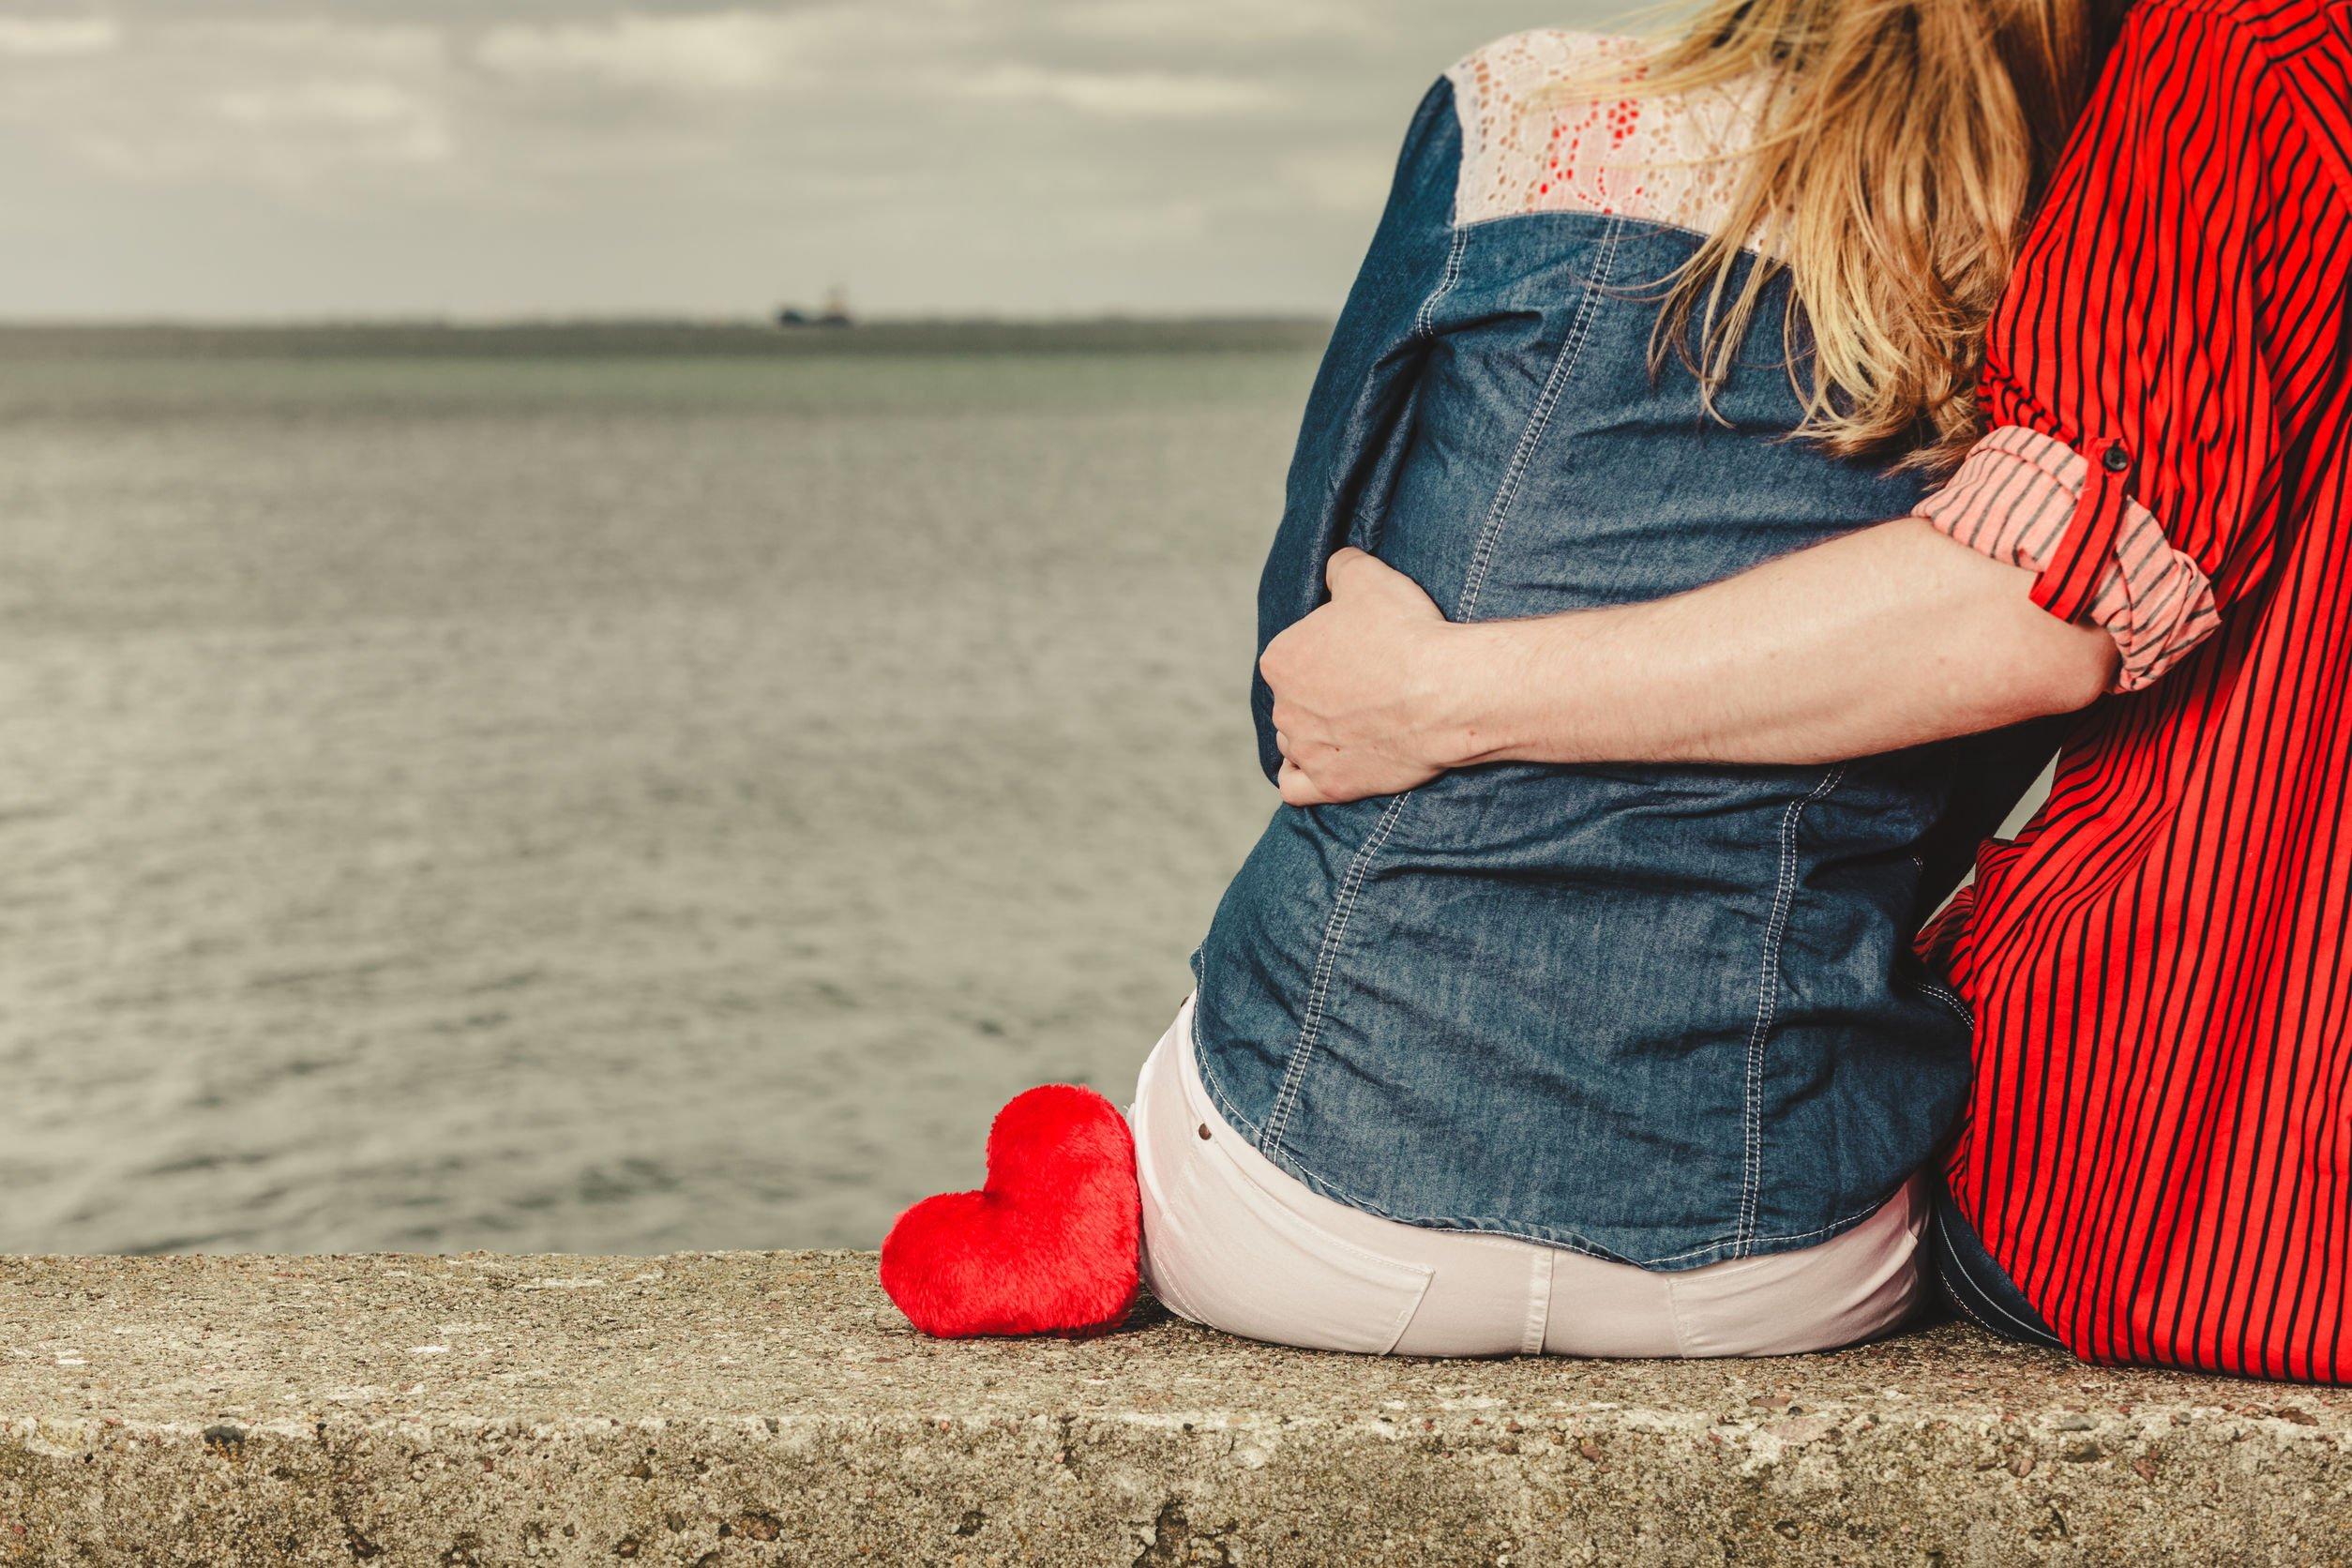 Relacionamento A Dois Frases Maravilhosas Para O Seu Parceiro